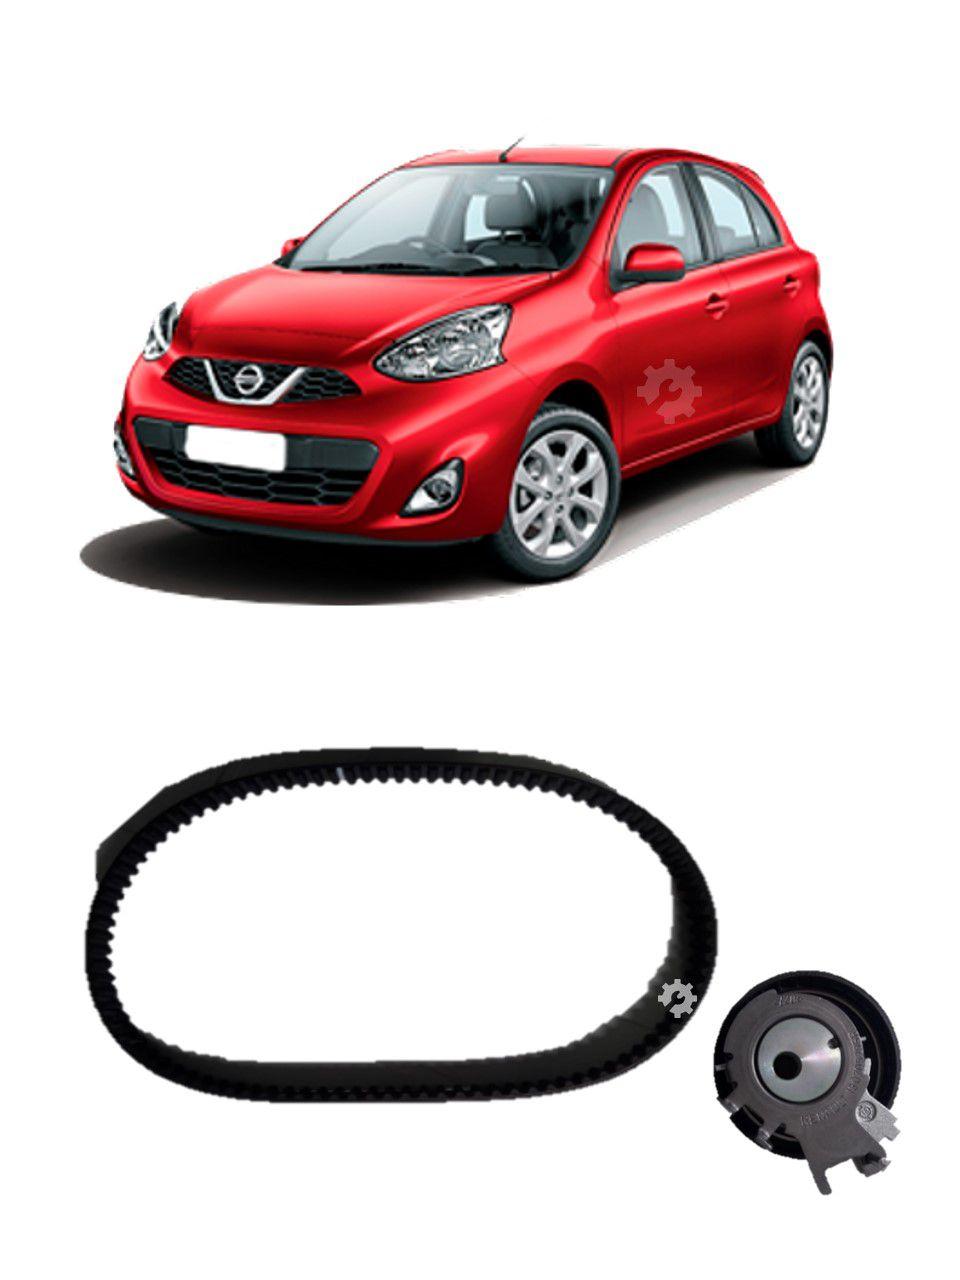 Kit Correia Dentada + Tensor Nissan March 1.0 16v Original